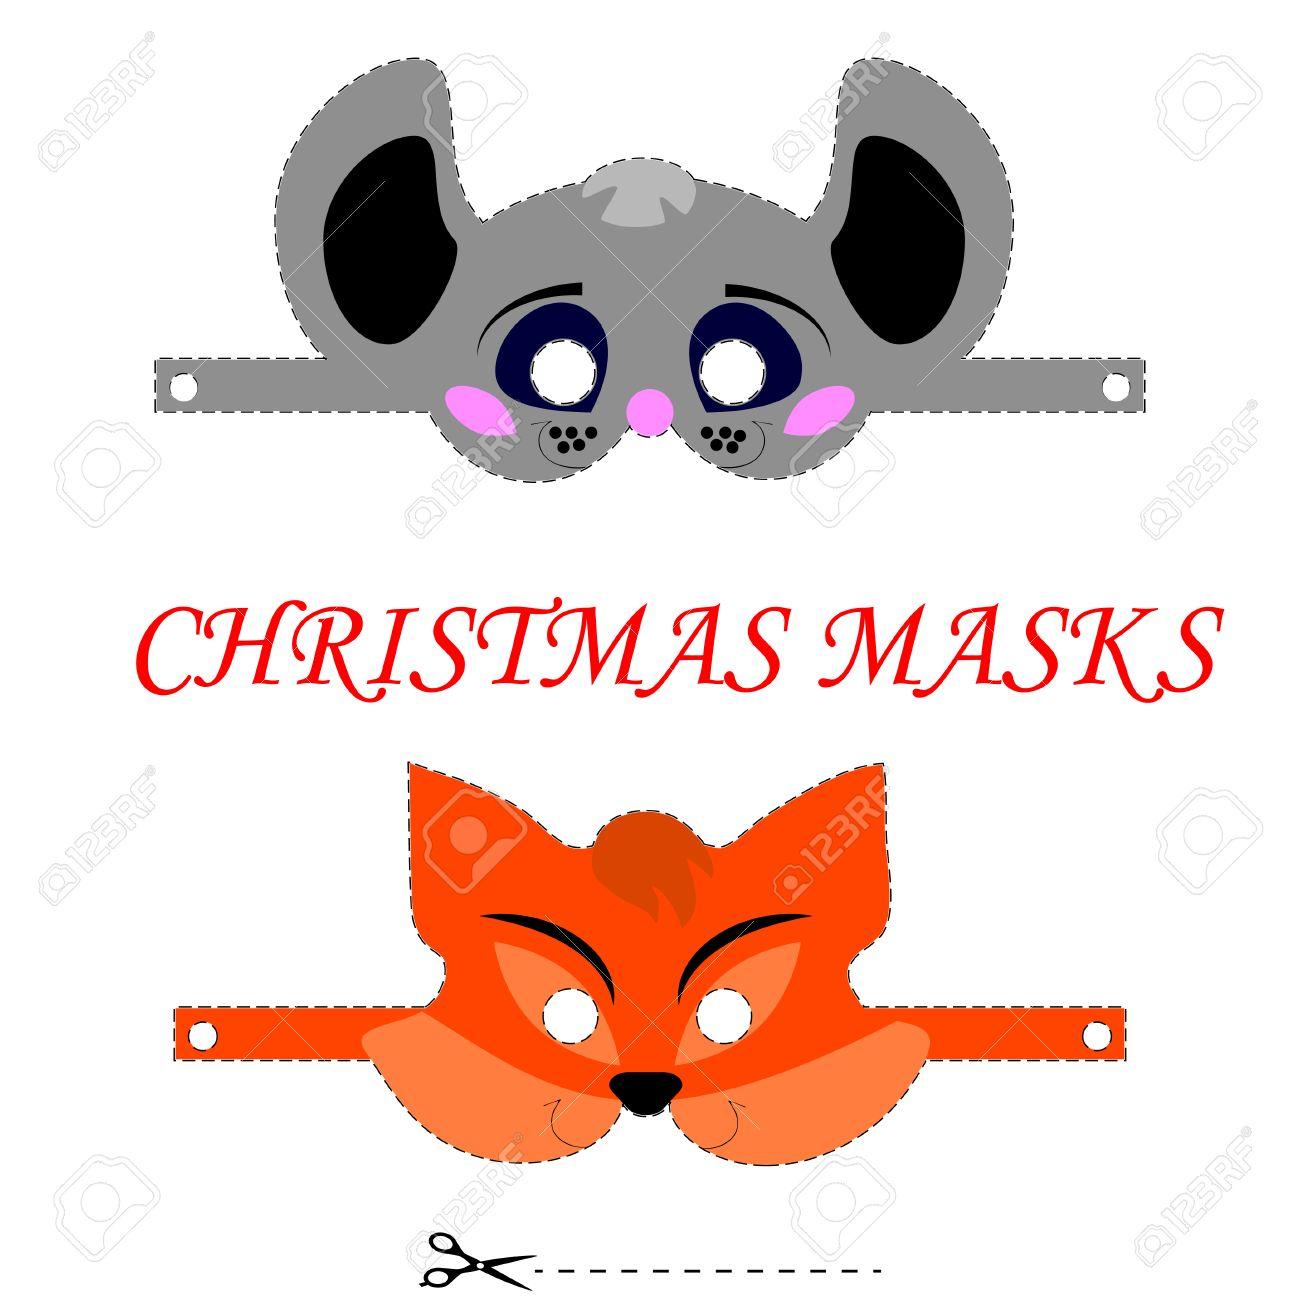 Erfreut Vorlage Maske Ideen - Beispielzusammenfassung Ideen - vpsbg.info